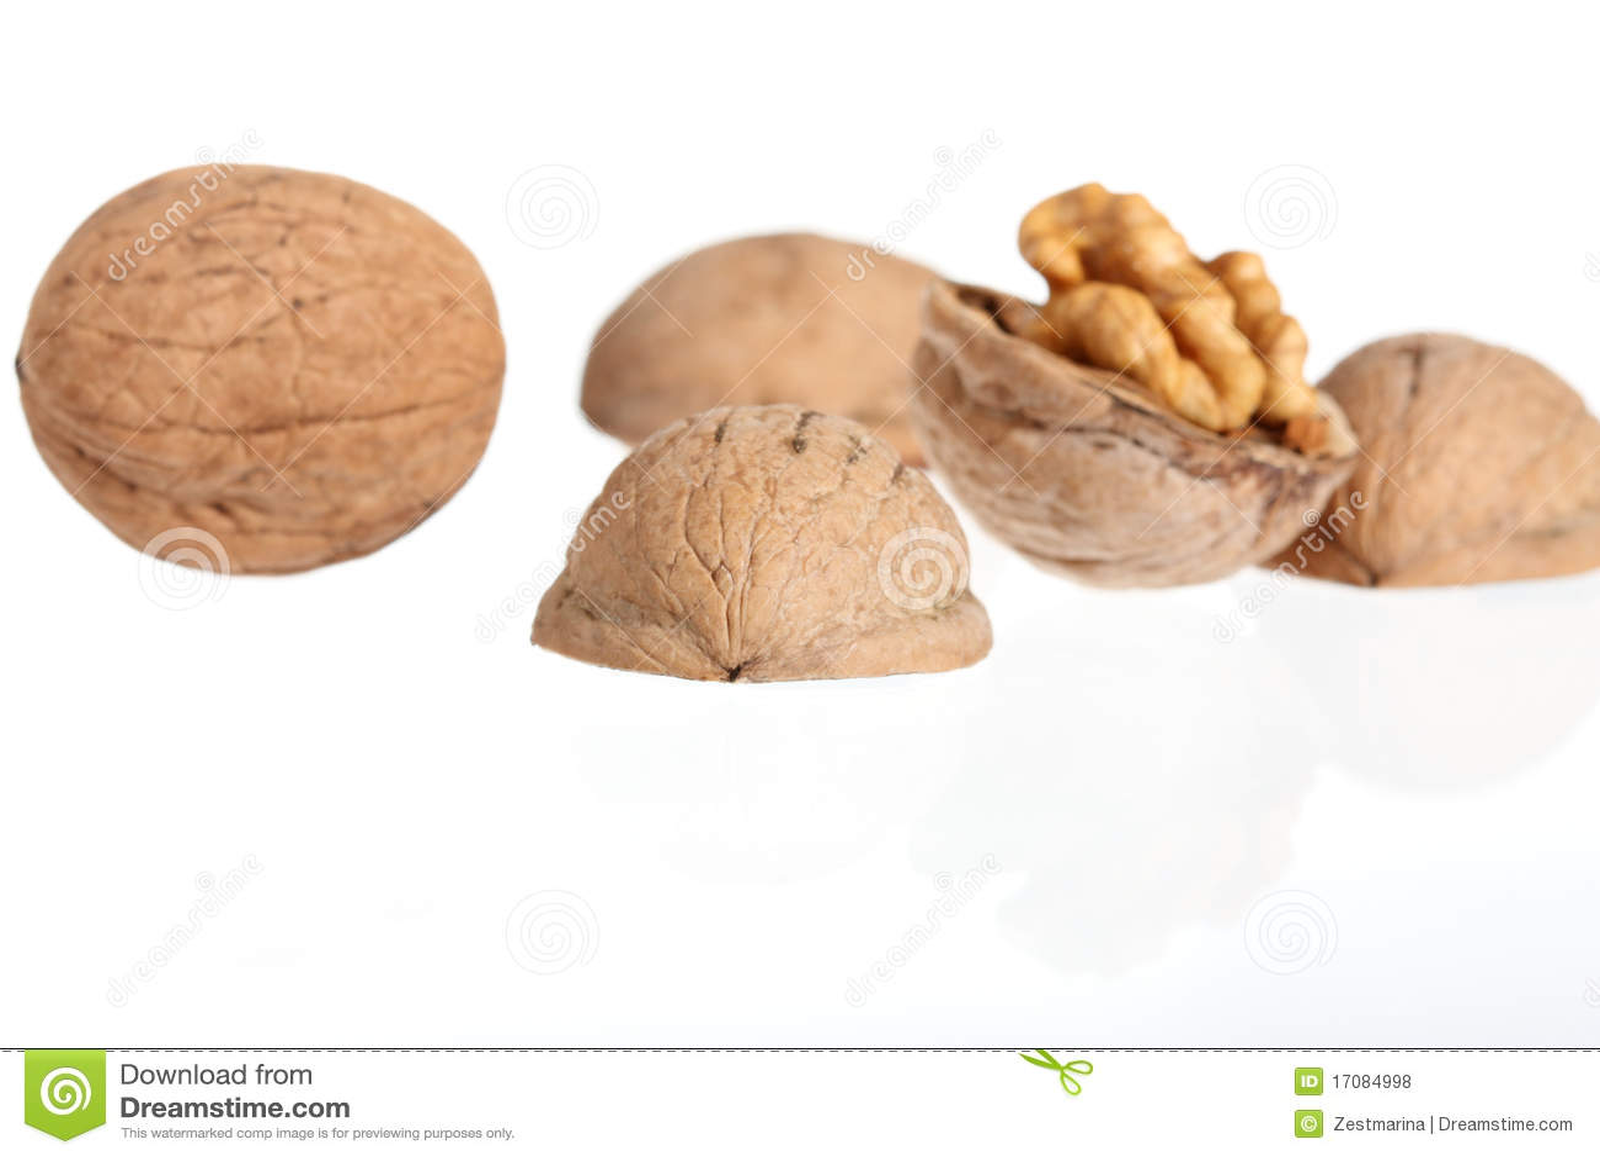 грецкие орехи группы